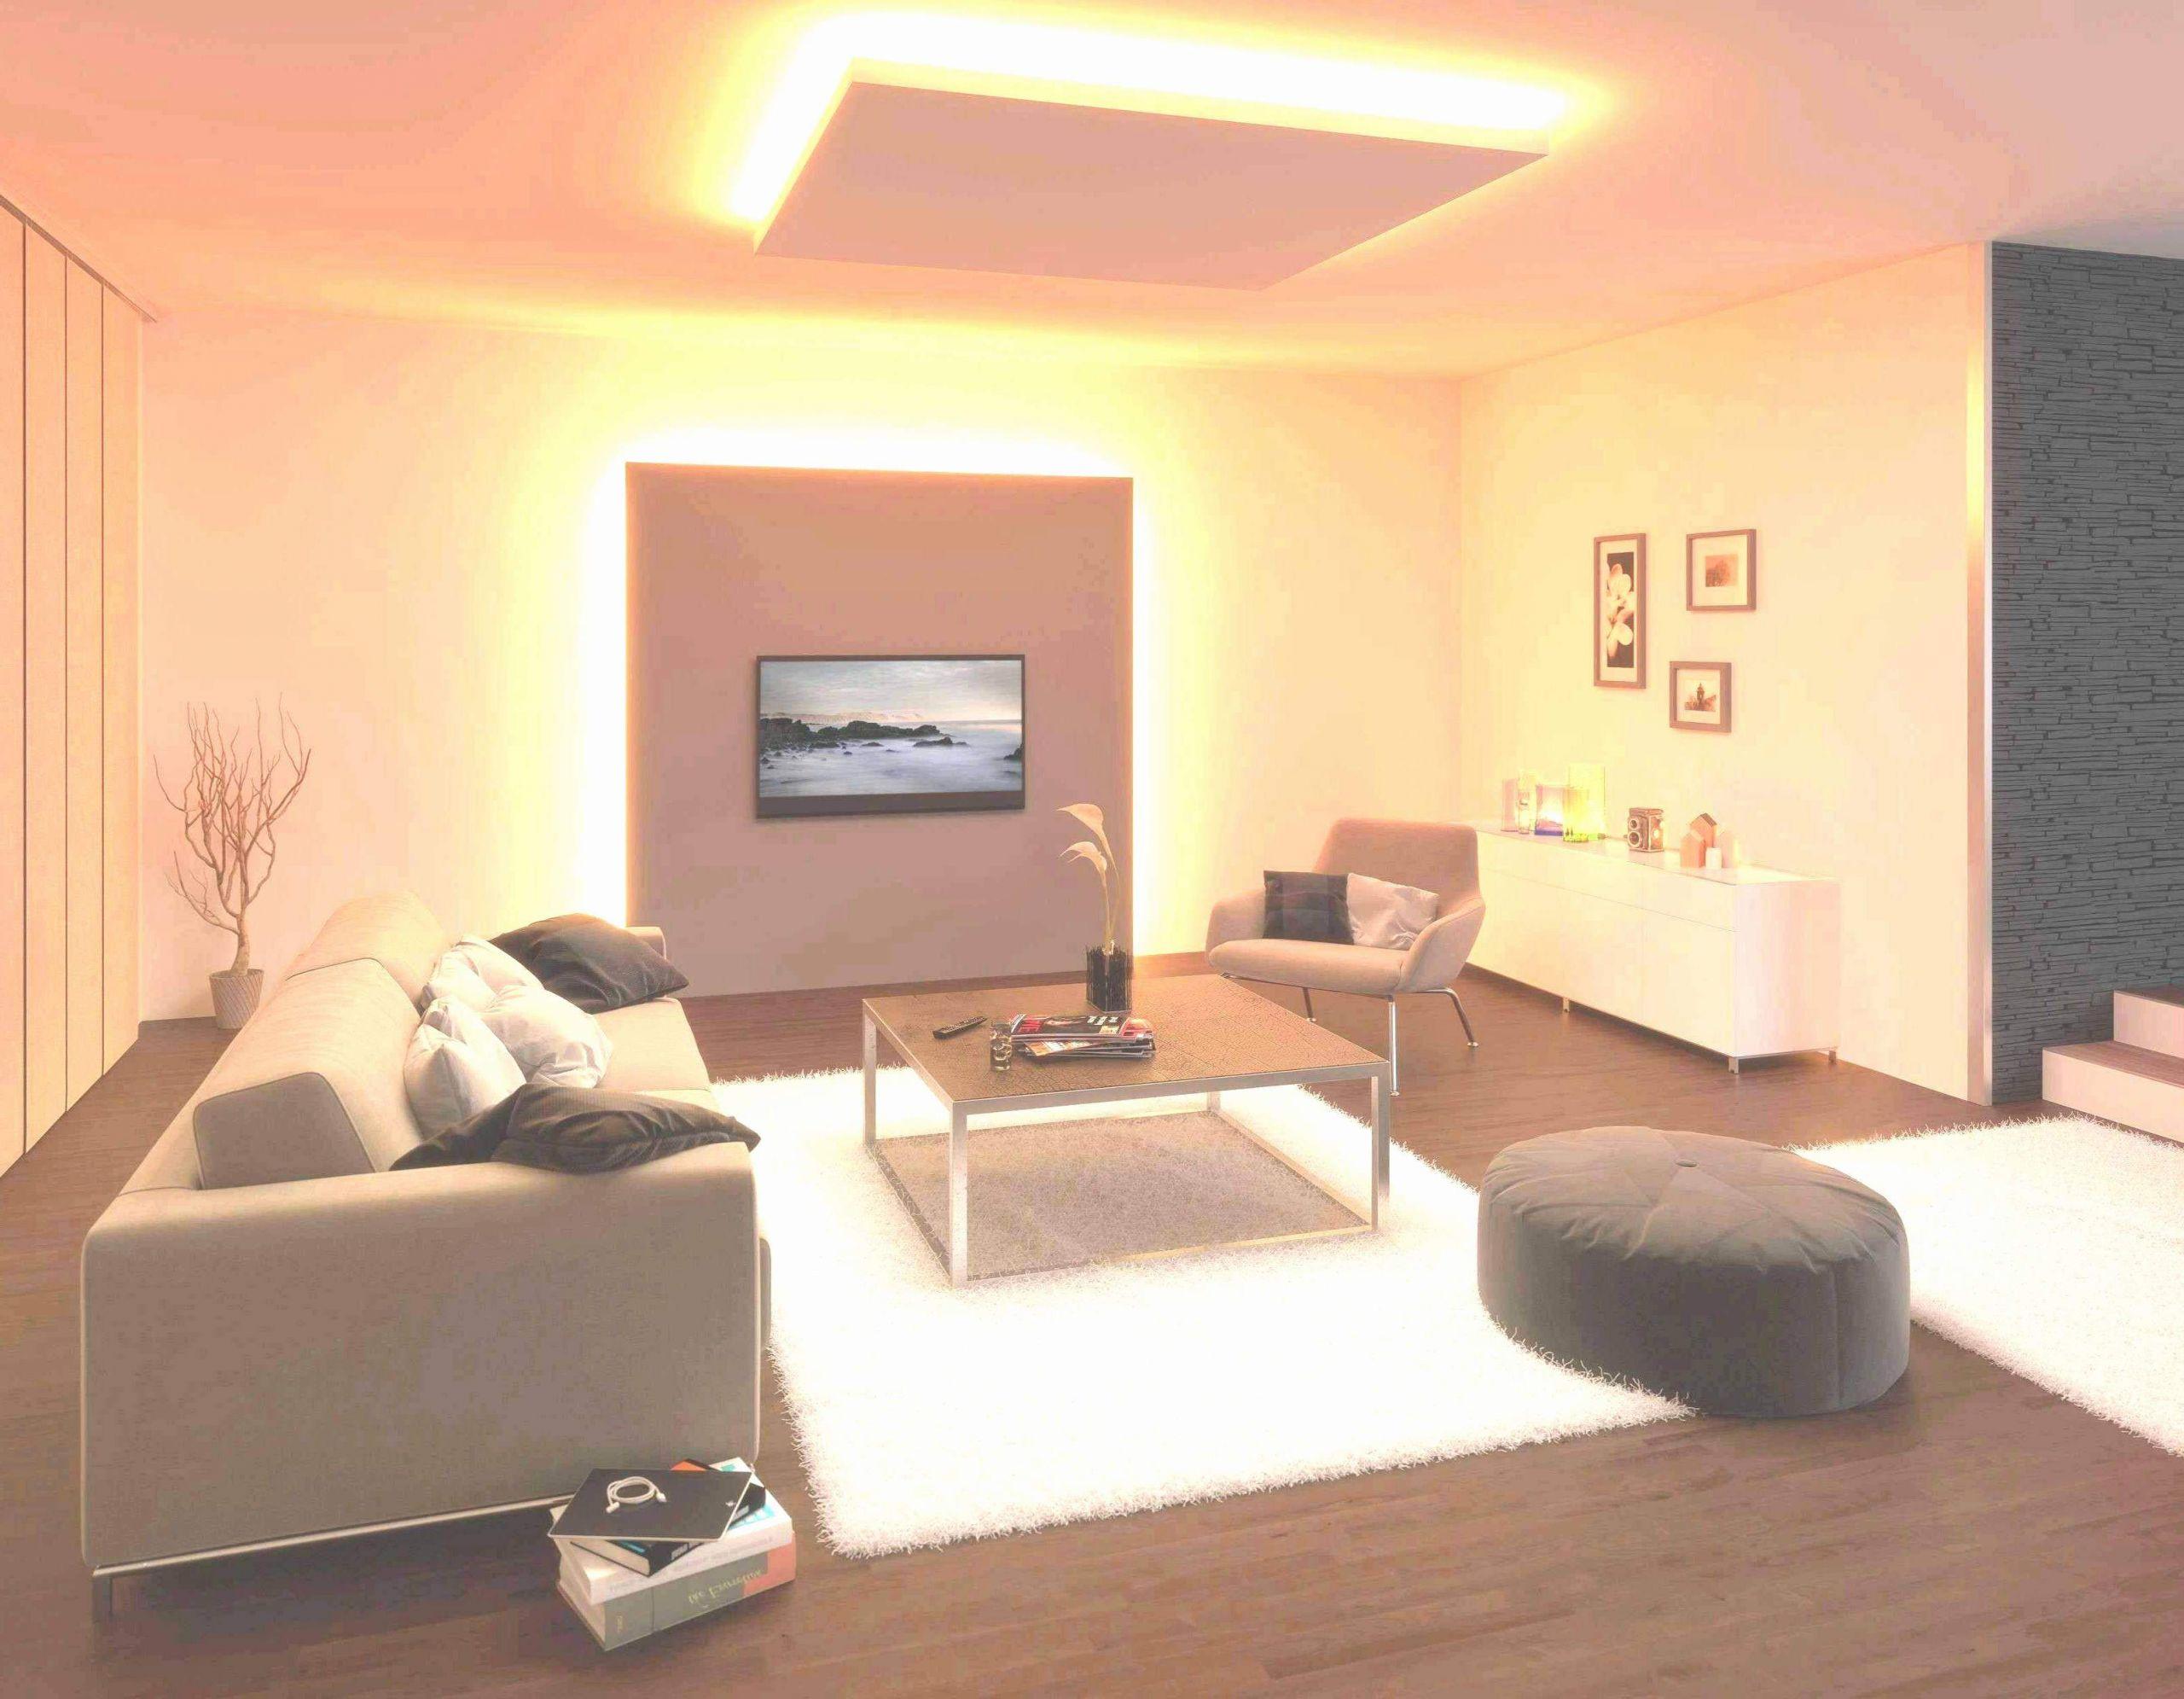 Full Size of Wohnzimmerlampen Ikea Lampen Wohnzimmer Design Das Beste Von Unique Küche Kosten Sofa Mit Schlaffunktion Betten 160x200 Modulküche Kaufen Bei Miniküche Wohnzimmer Wohnzimmerlampen Ikea